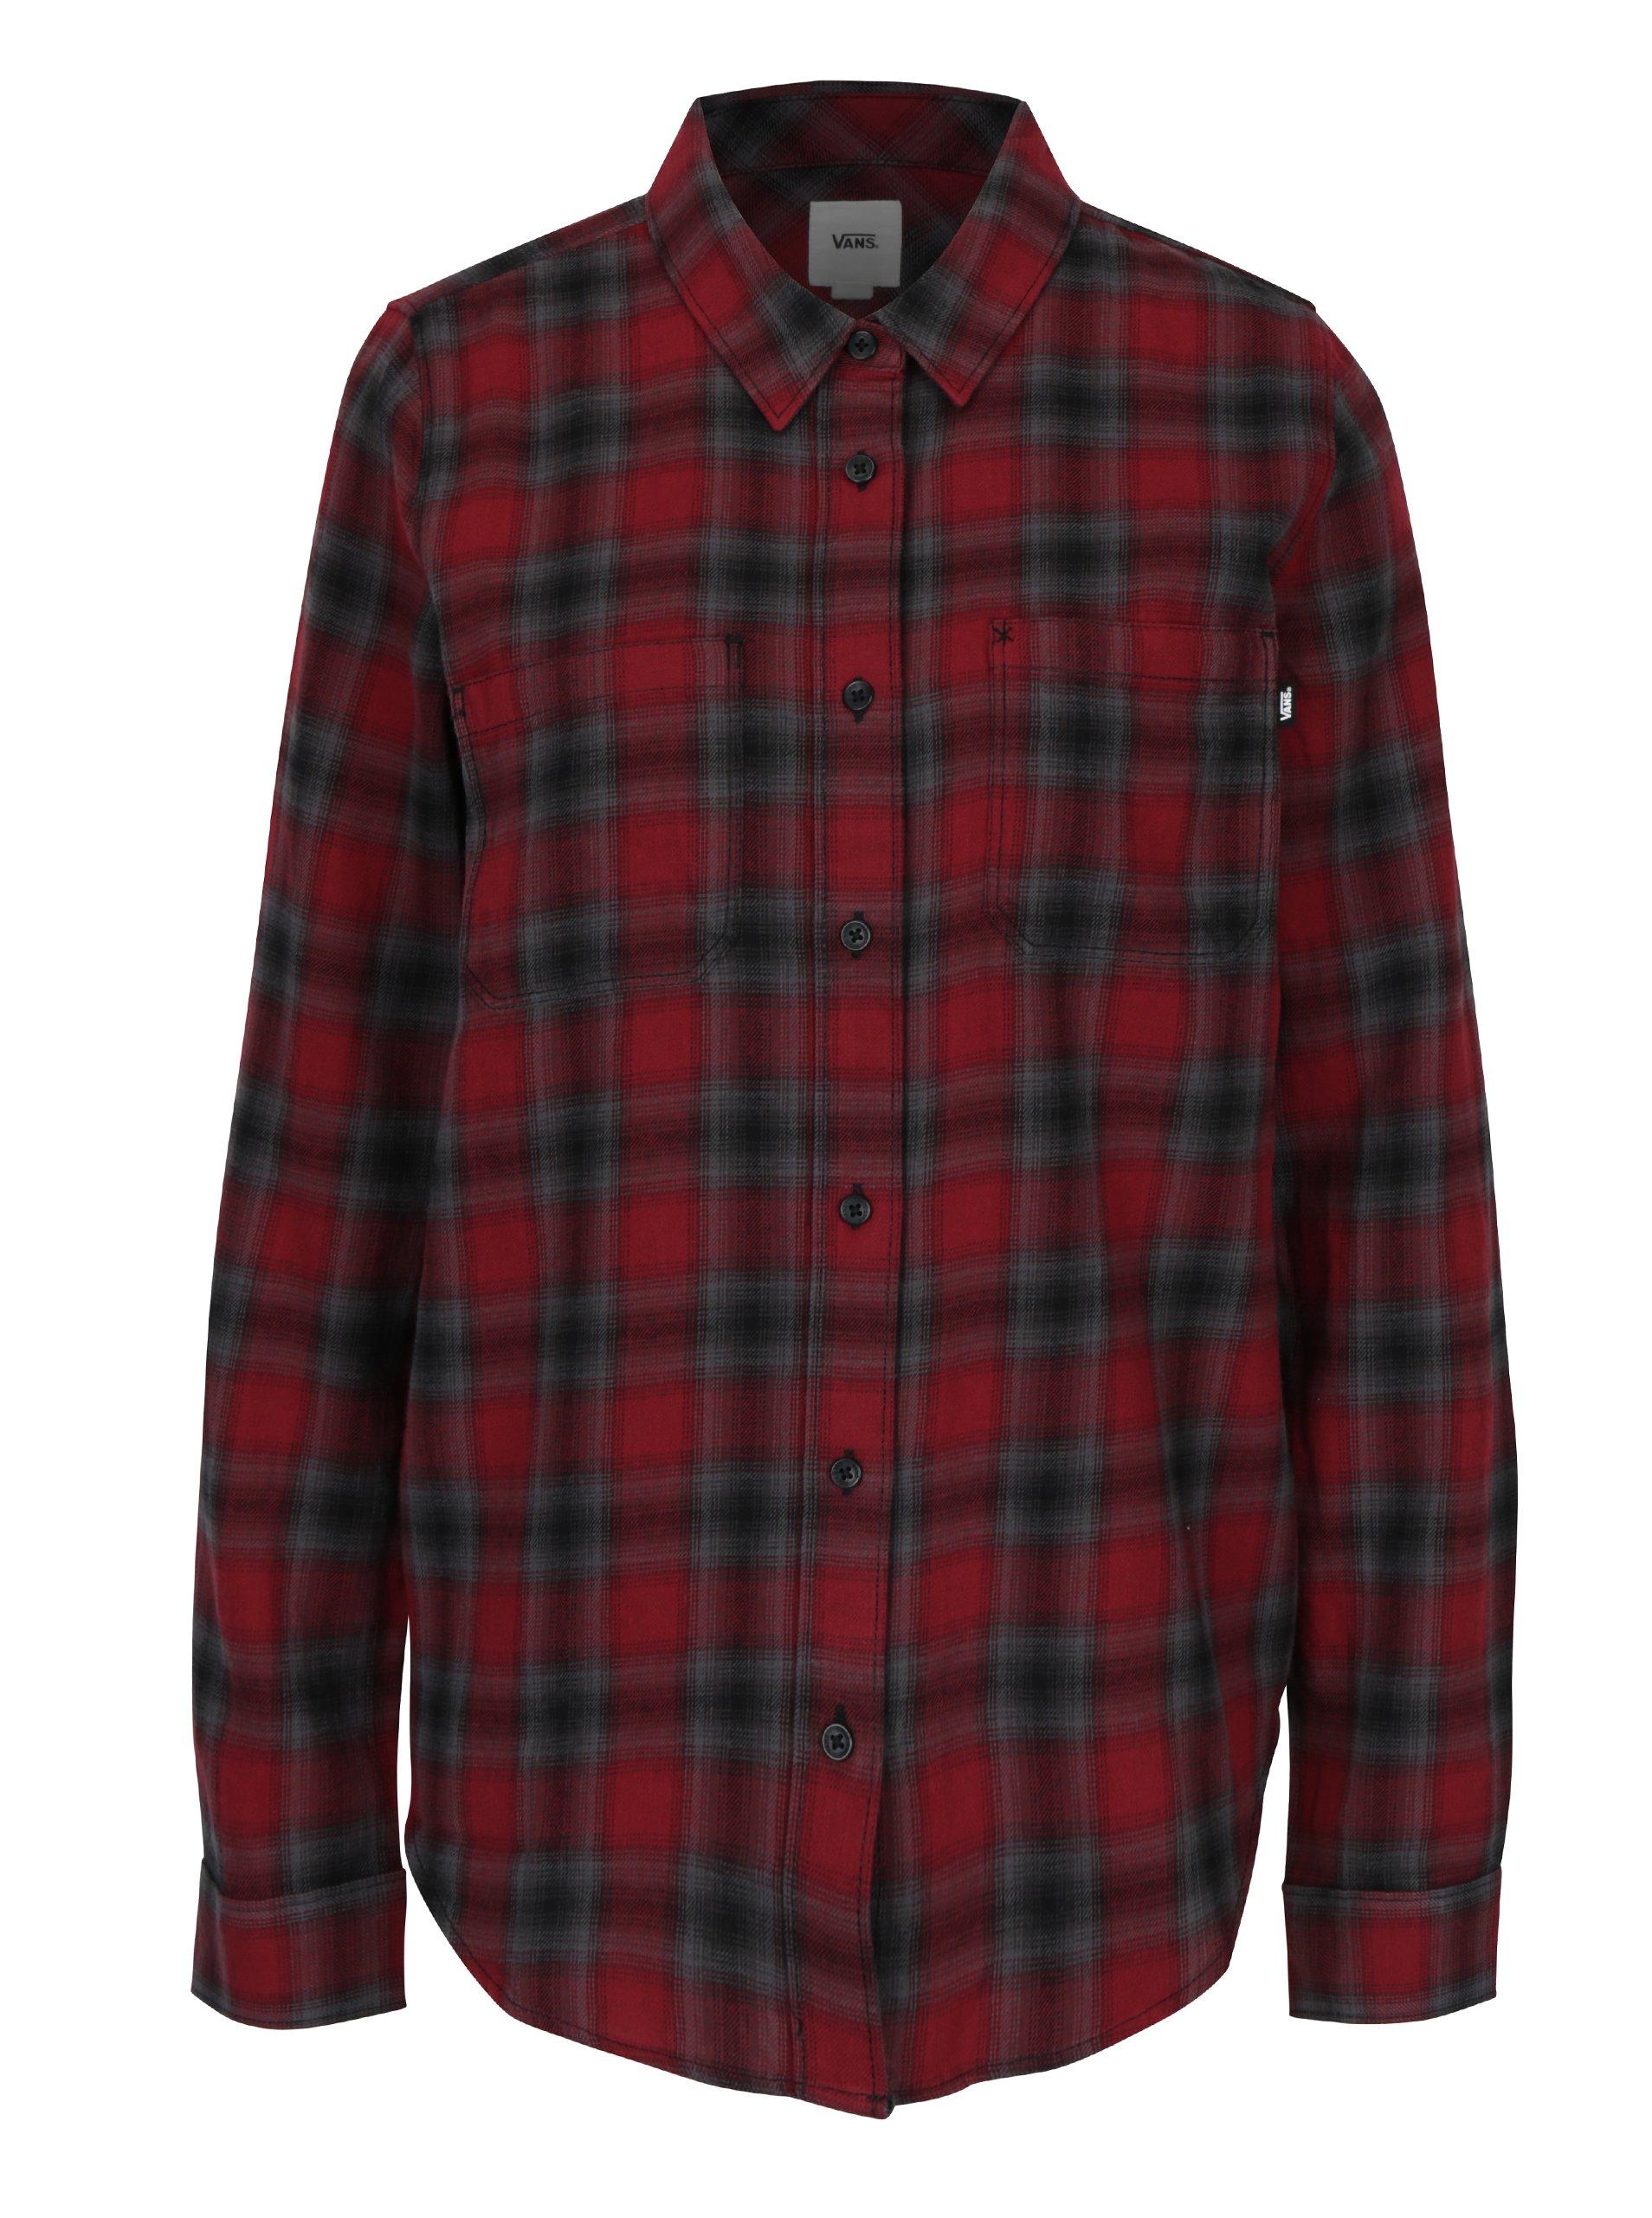 Šedo-červená dámská flanelová košile VANS Meridian